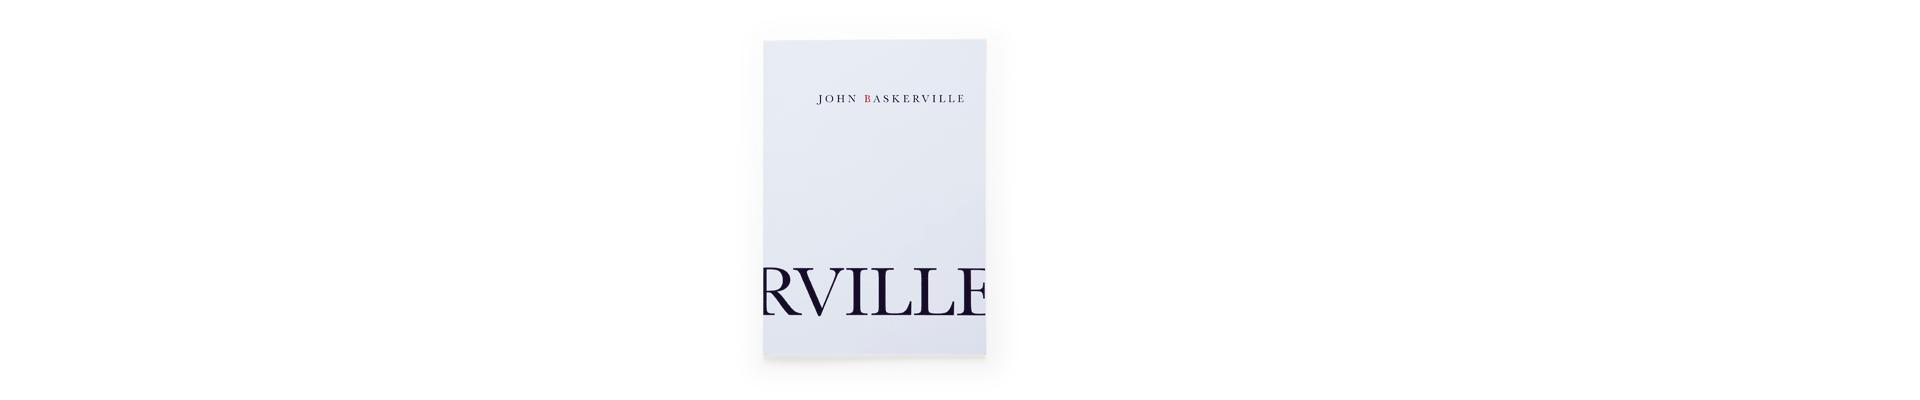 Baskerville. Eine frühklassizistische Antiqua in feiner englischer Art